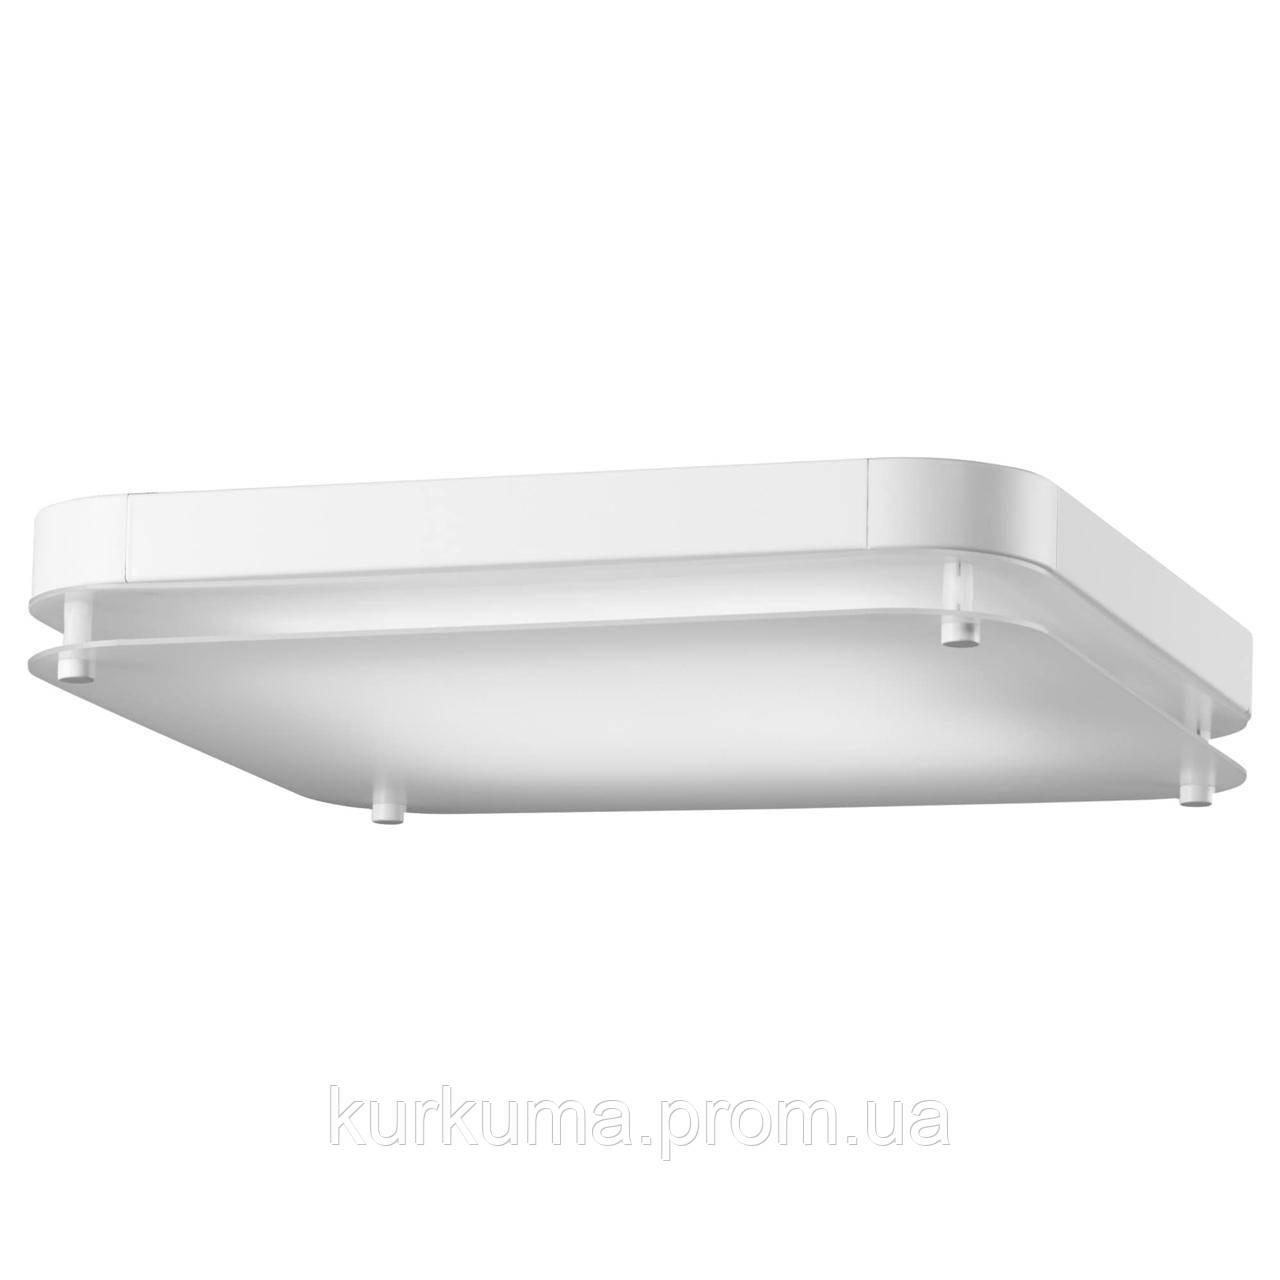 IKEA LEVANG Светодиодный подвесной светильник, квадратная, белая  (203.495.27)